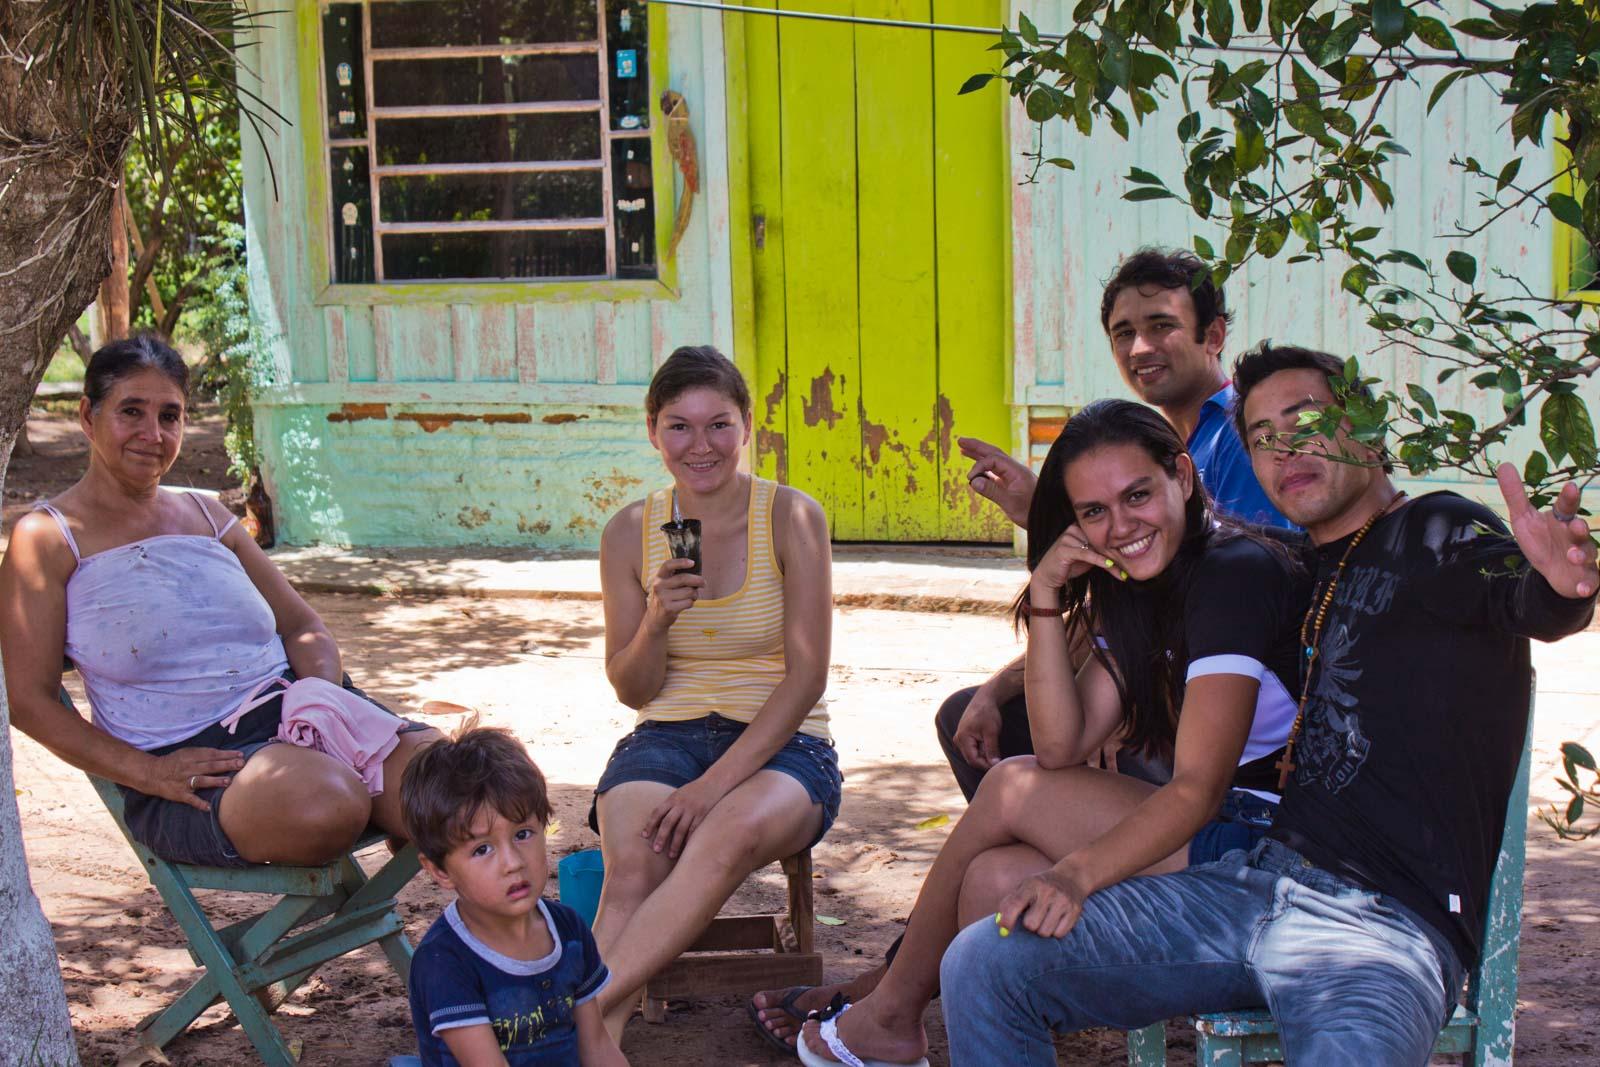 Nueva Australia (New Australia) in Paraguay